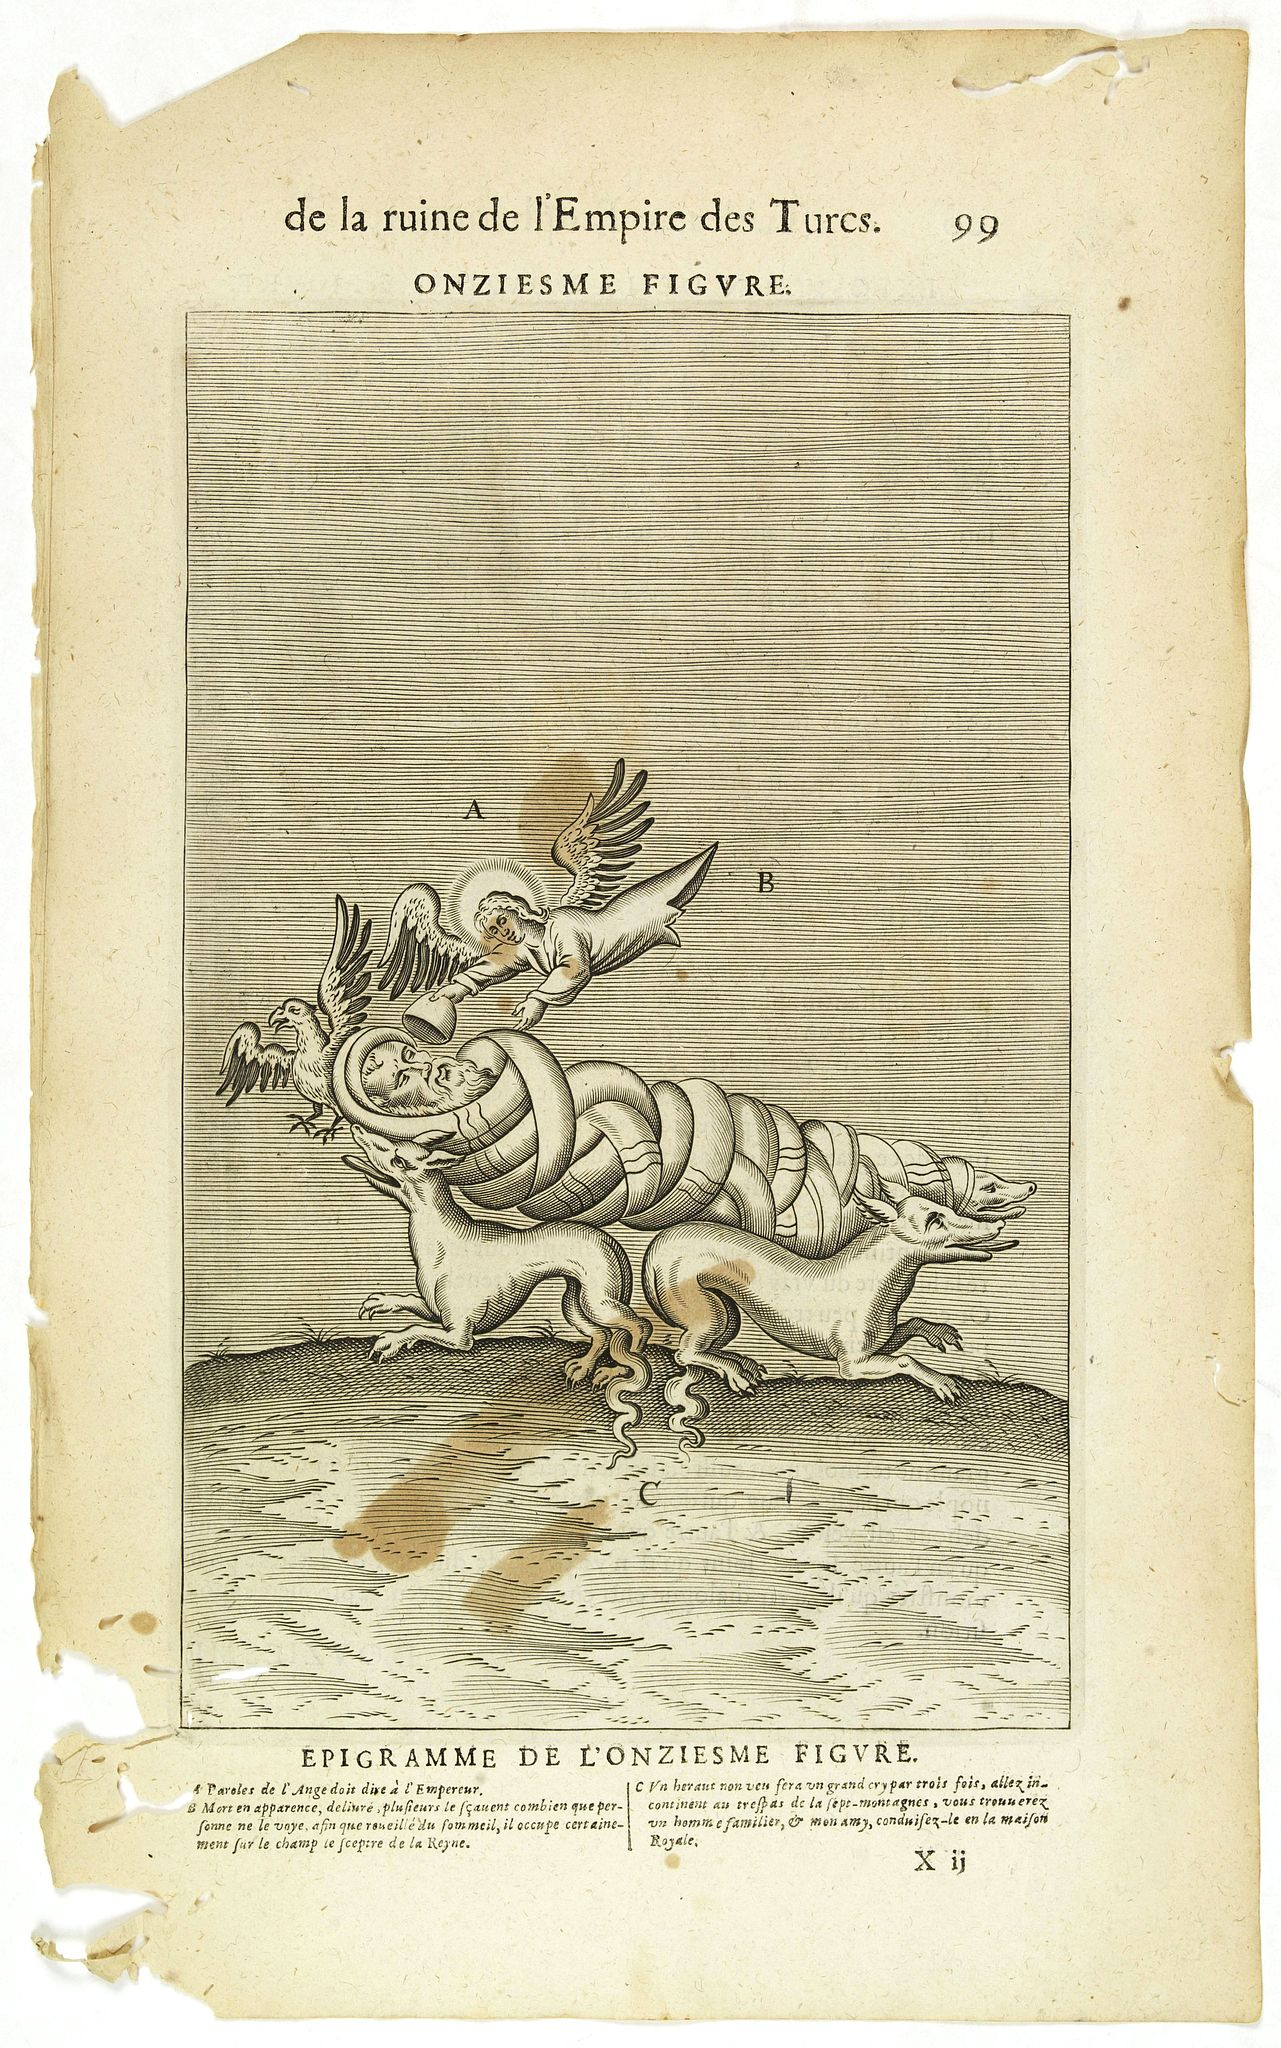 NICOLAS DE NICOLAY, Thomas Artus (sieur d'Embry). -  De la Ruine de l'Empire des Turcs Onziesme figure / Epigramme de la Onziesme figure. (99)